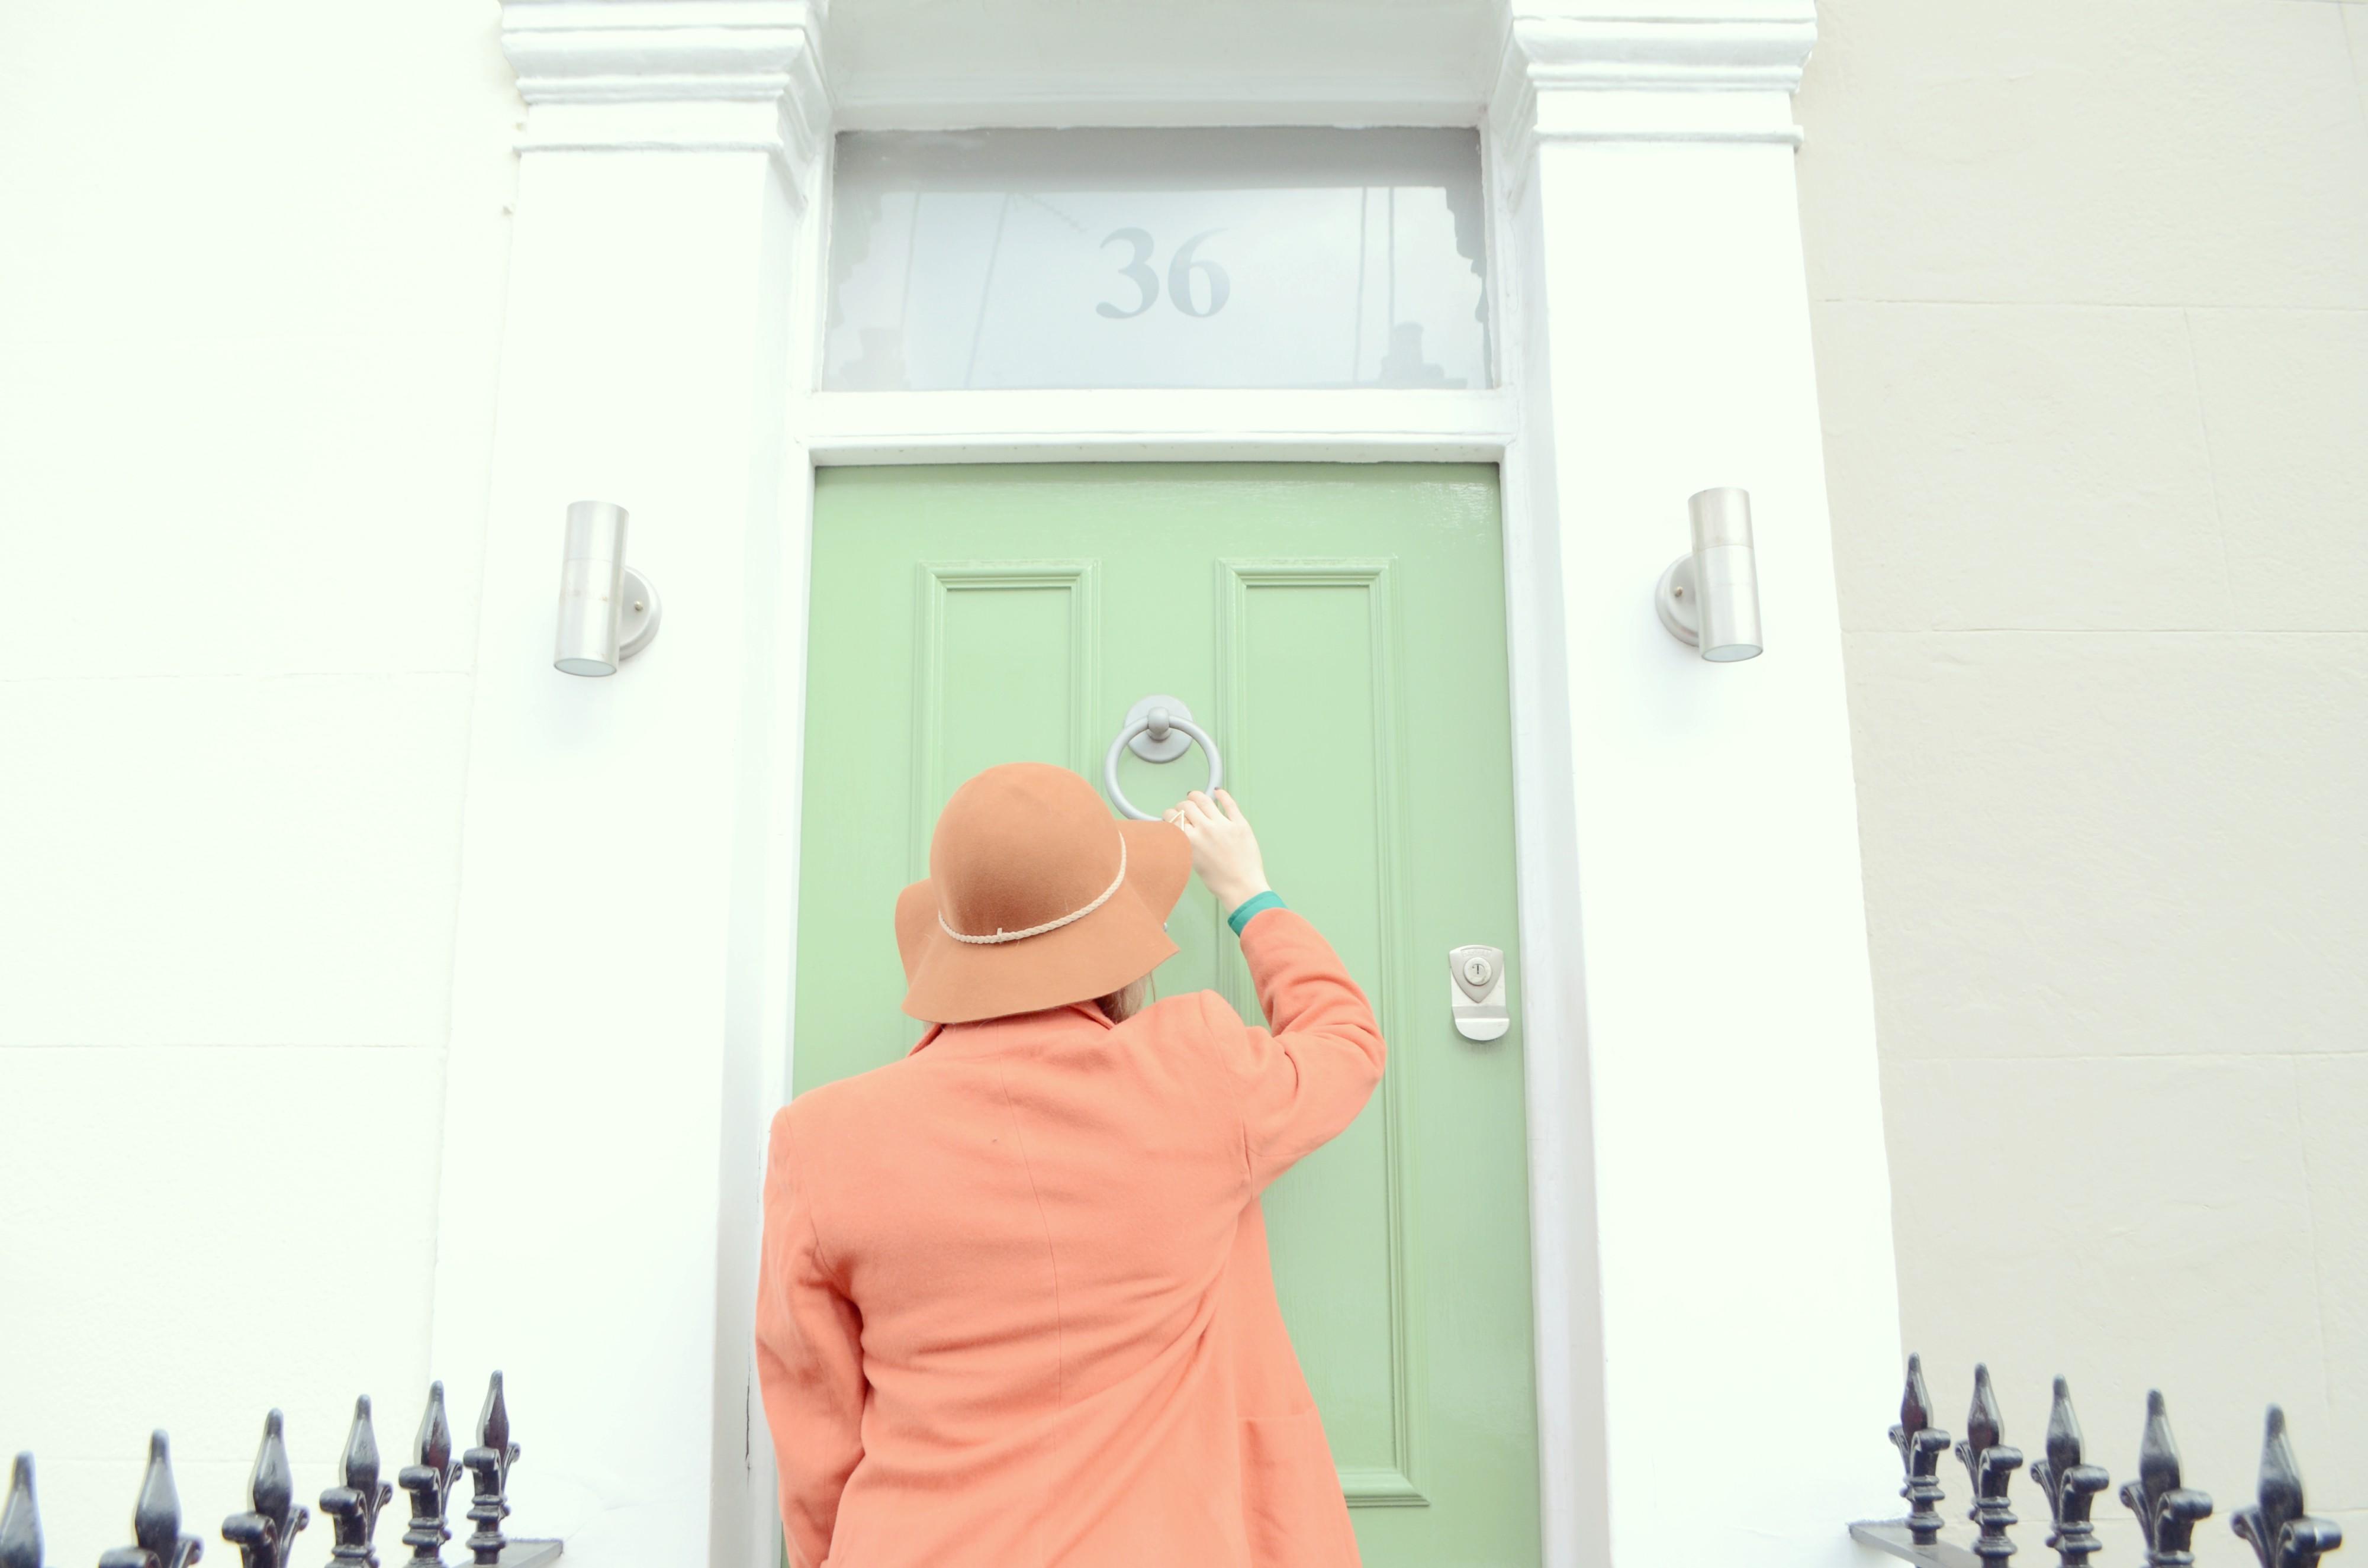 Vintage-orange-look-outfit-con-sombrero-fashionista-blog-de-moda-ChicAdicta-Chic-Adicta-orange-coat-PiensaenChic-Piensa-en-Chic